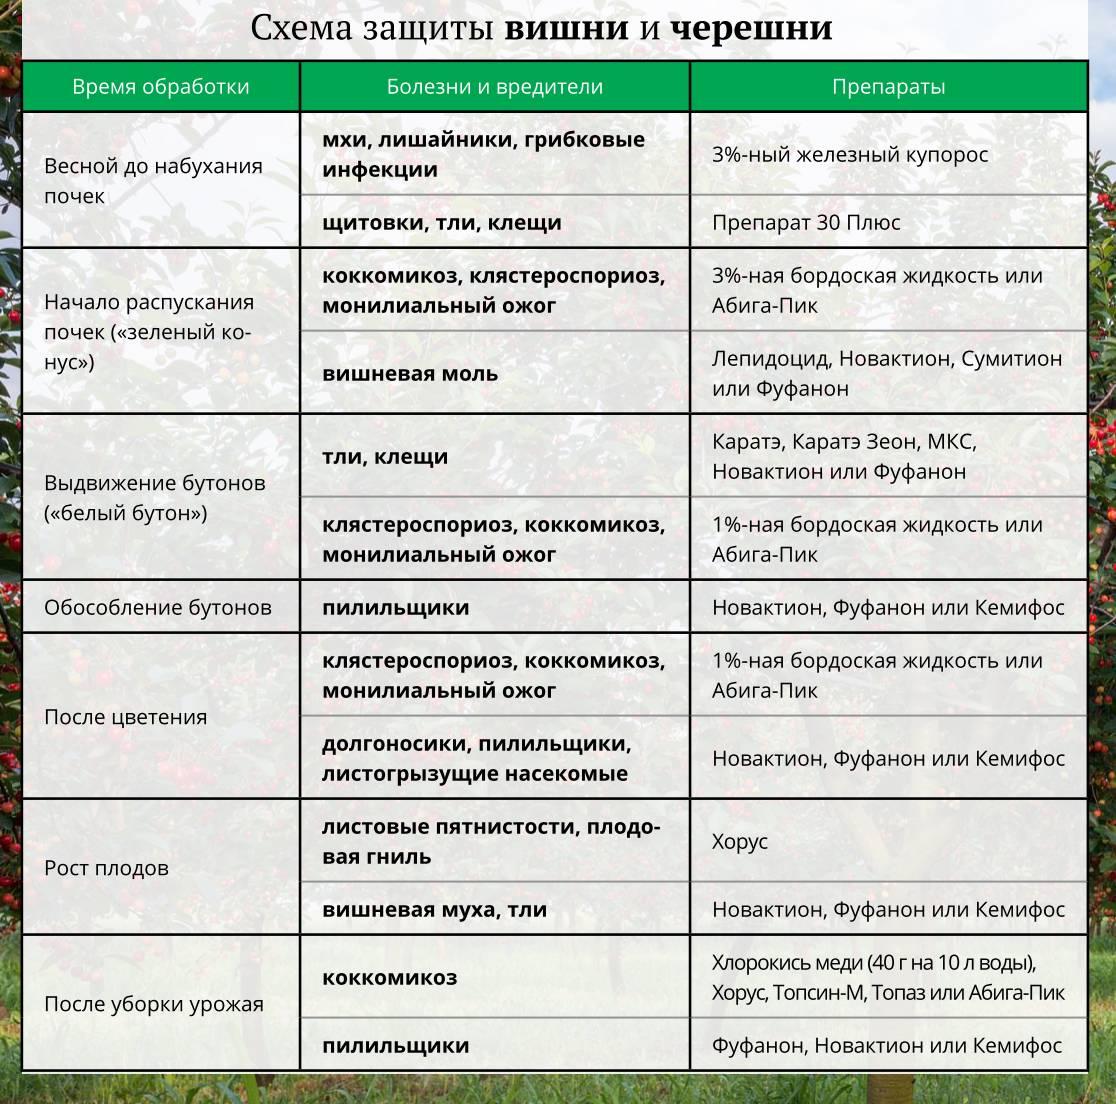 Опрыскивание плодовых деревьев весной, летом и осенью